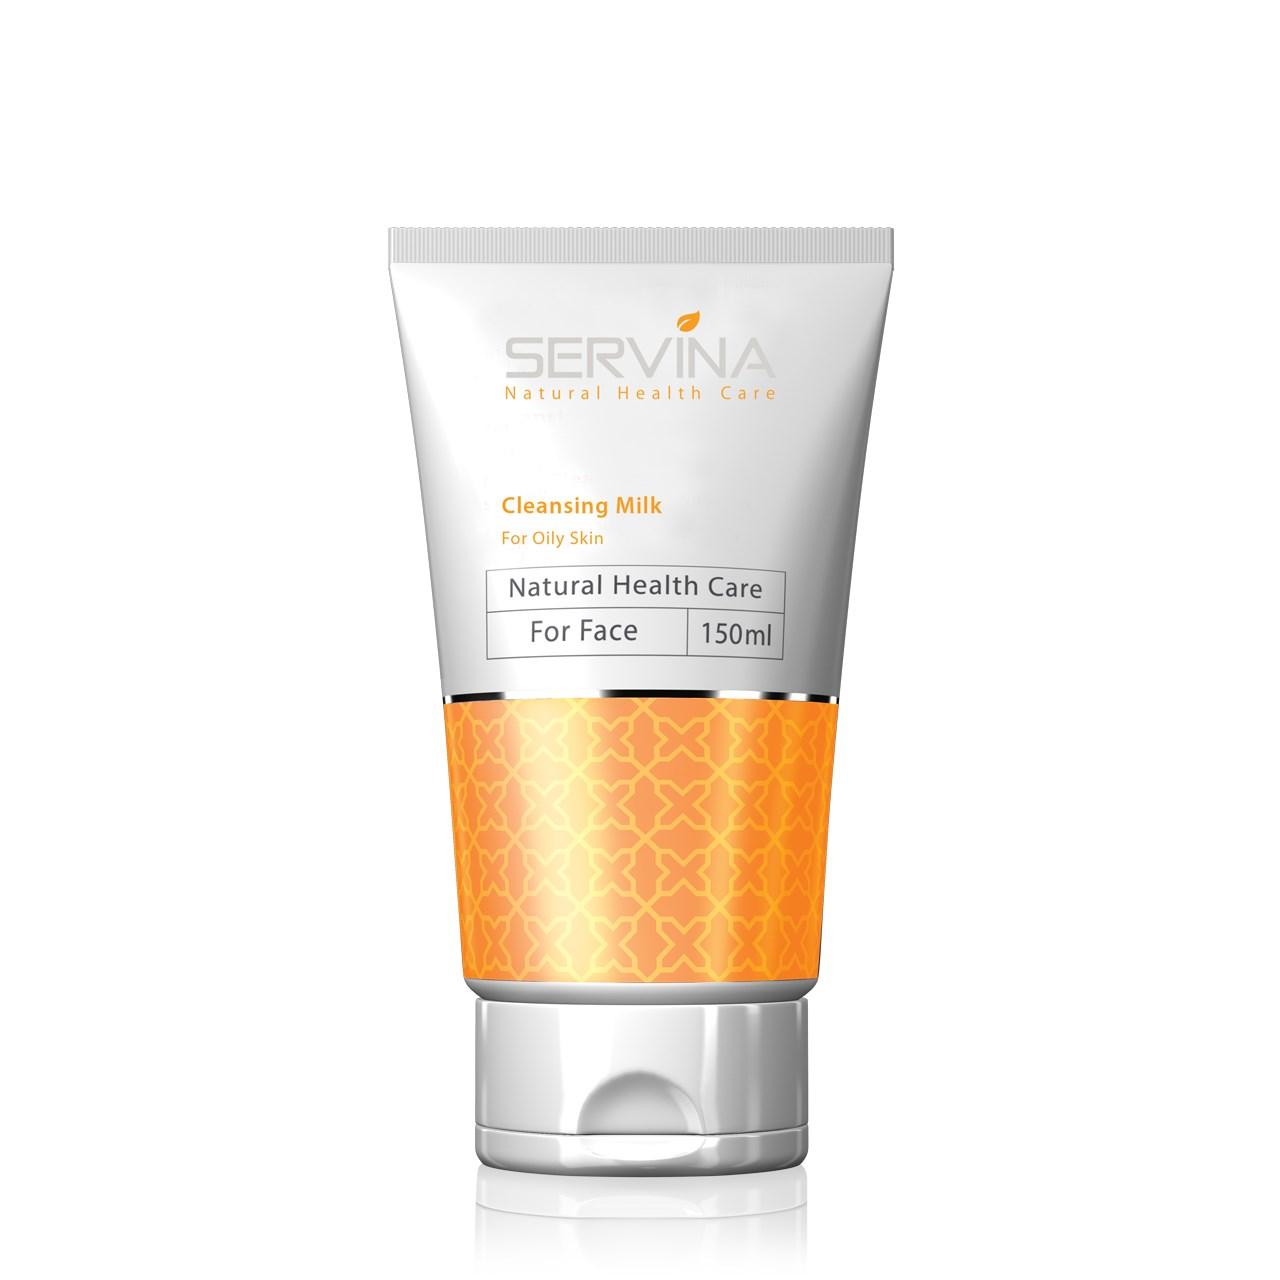 قیمت لوسیون پاک کننده آرایش صورت سروینا مدل Oily Skin حجم 150 میلی لتر